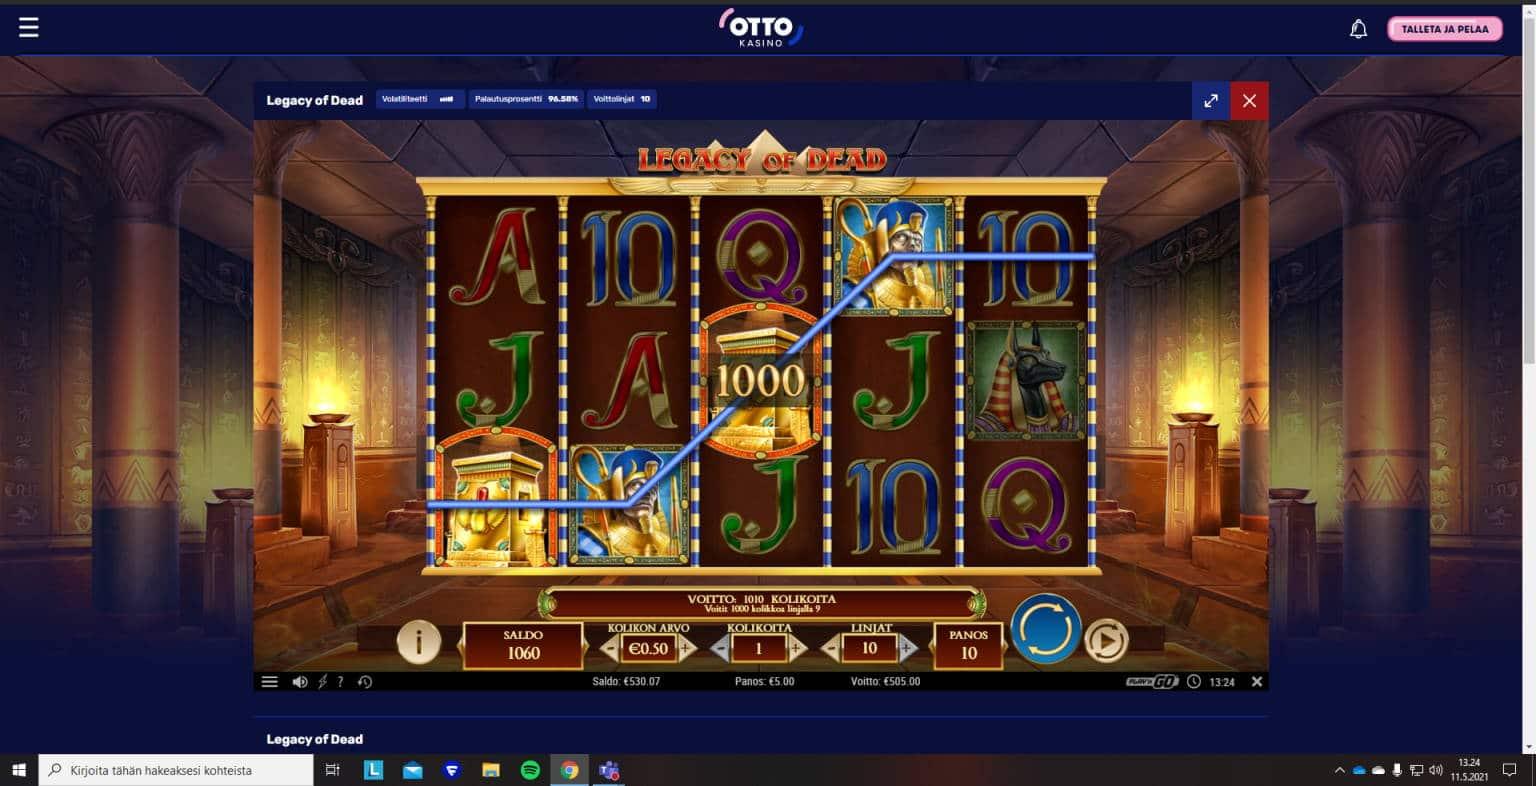 Legacy of Dead Casino win picture by PyyGentz 11.5.2021 505e 101X Otto Kasino